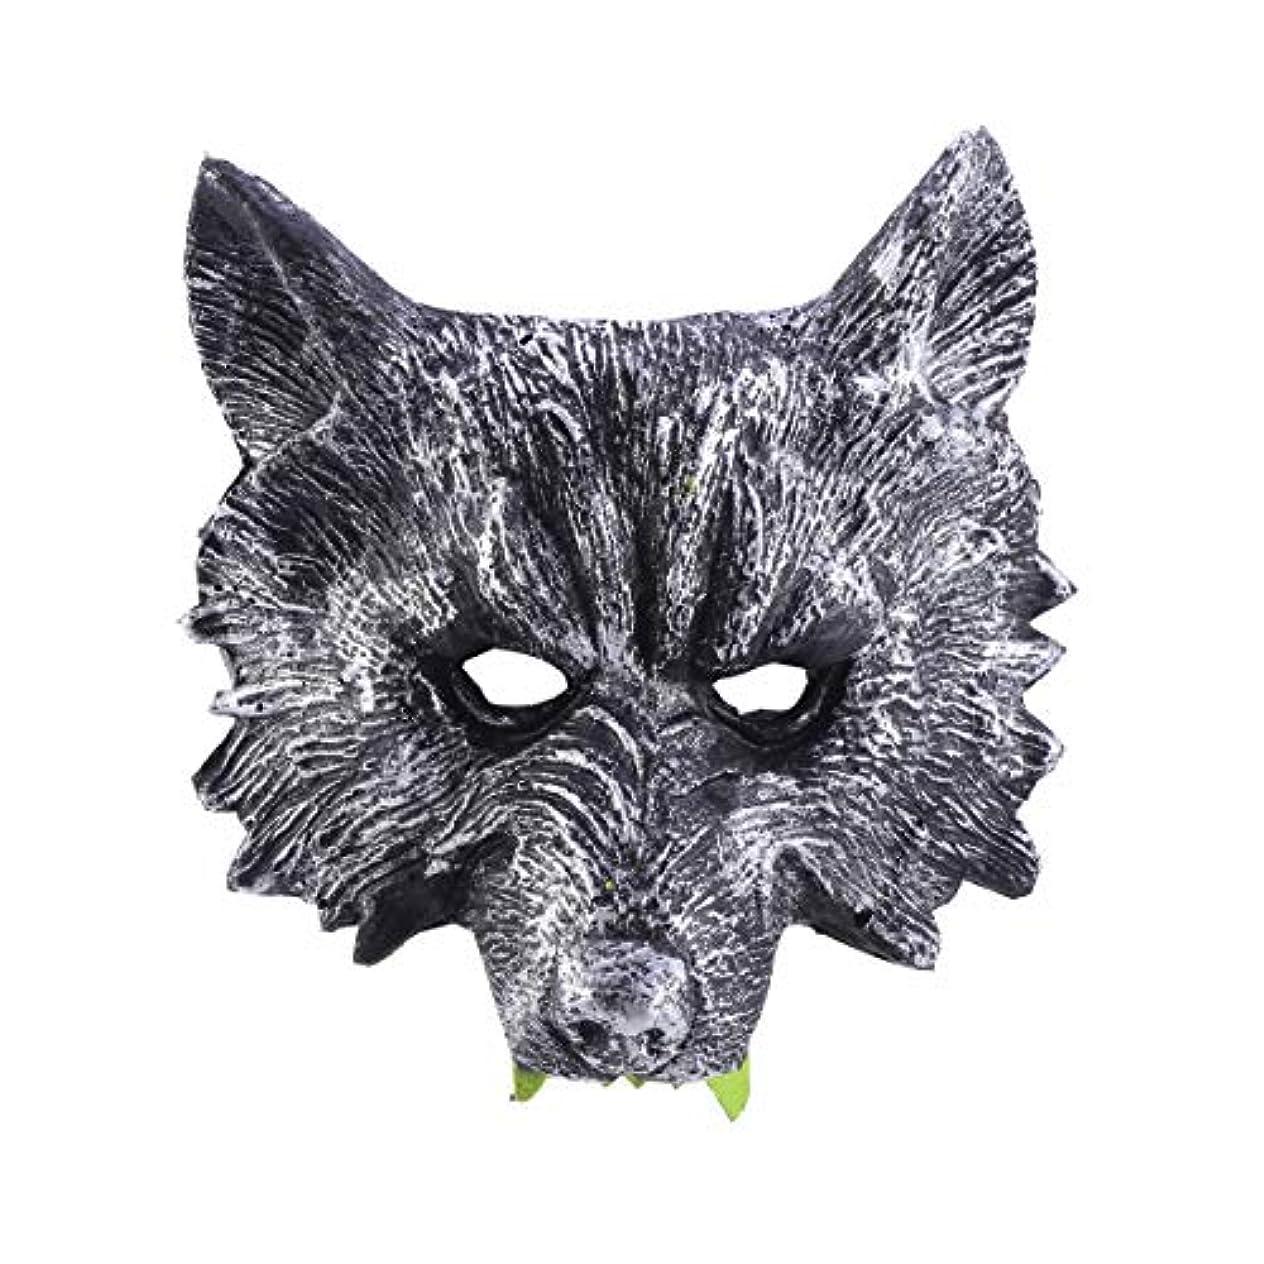 トンネルメニュー視力Toyvian ハロウィーン仮装パーティーのための灰色オオカミマスク